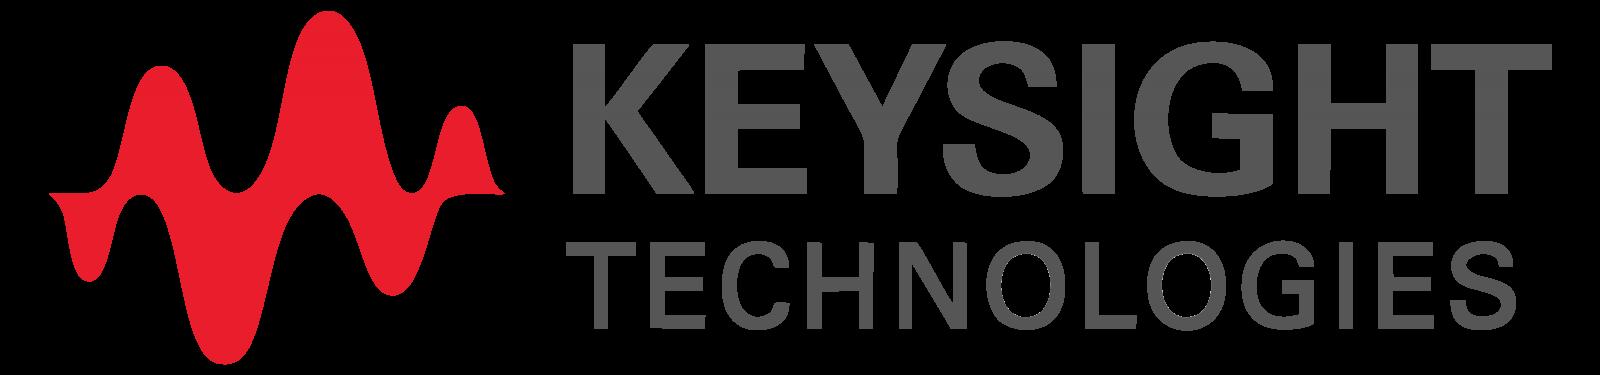 Keysight продемонстрировала решение, поддерживающее стандарт 5G NR